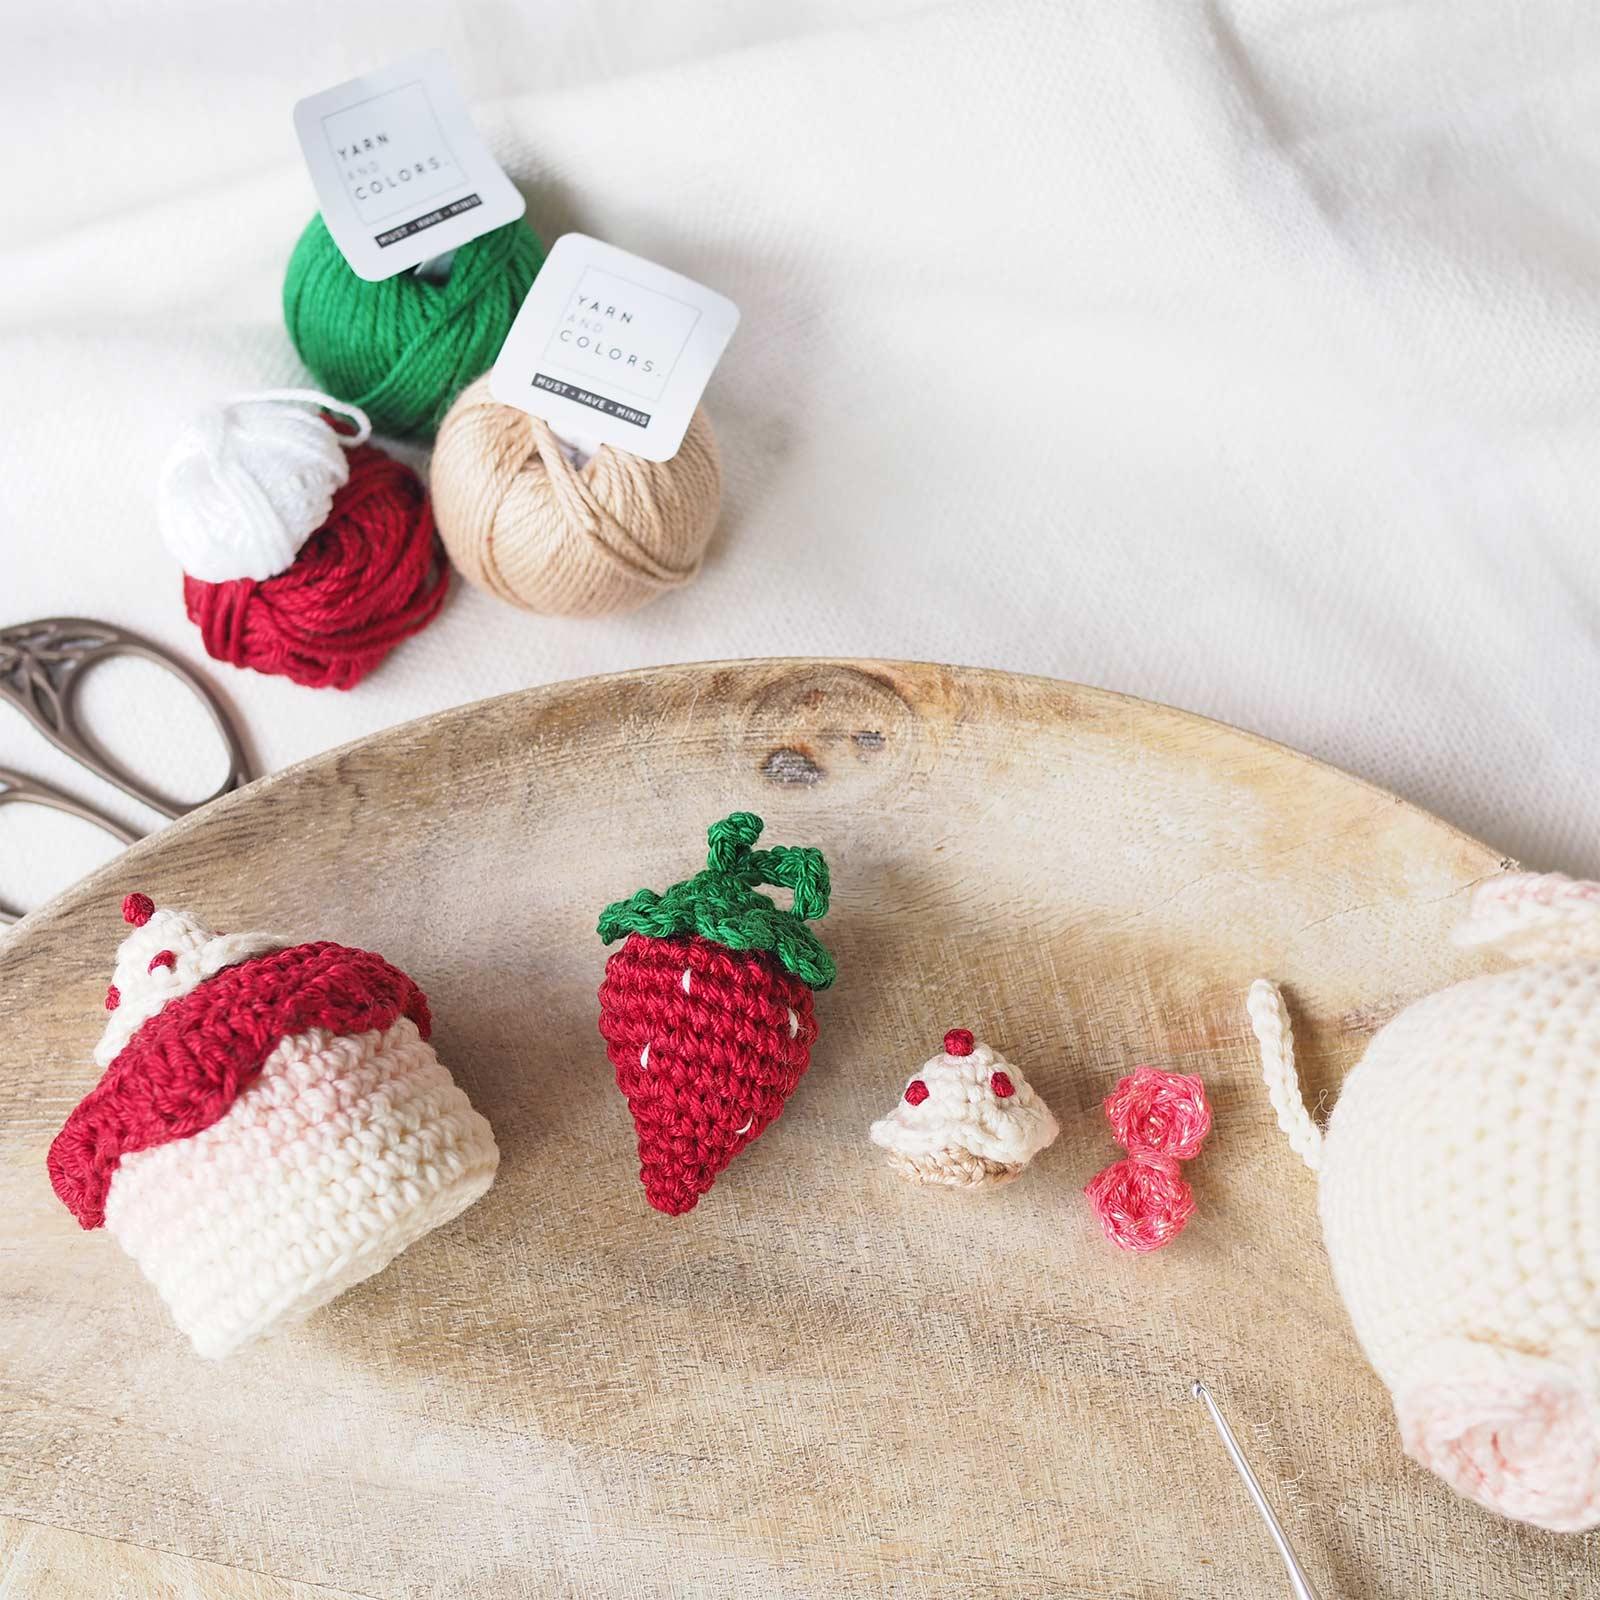 crochet goûter anniversaire fraise Must-have Minis Yarn & Colors Boutique MeliMelo